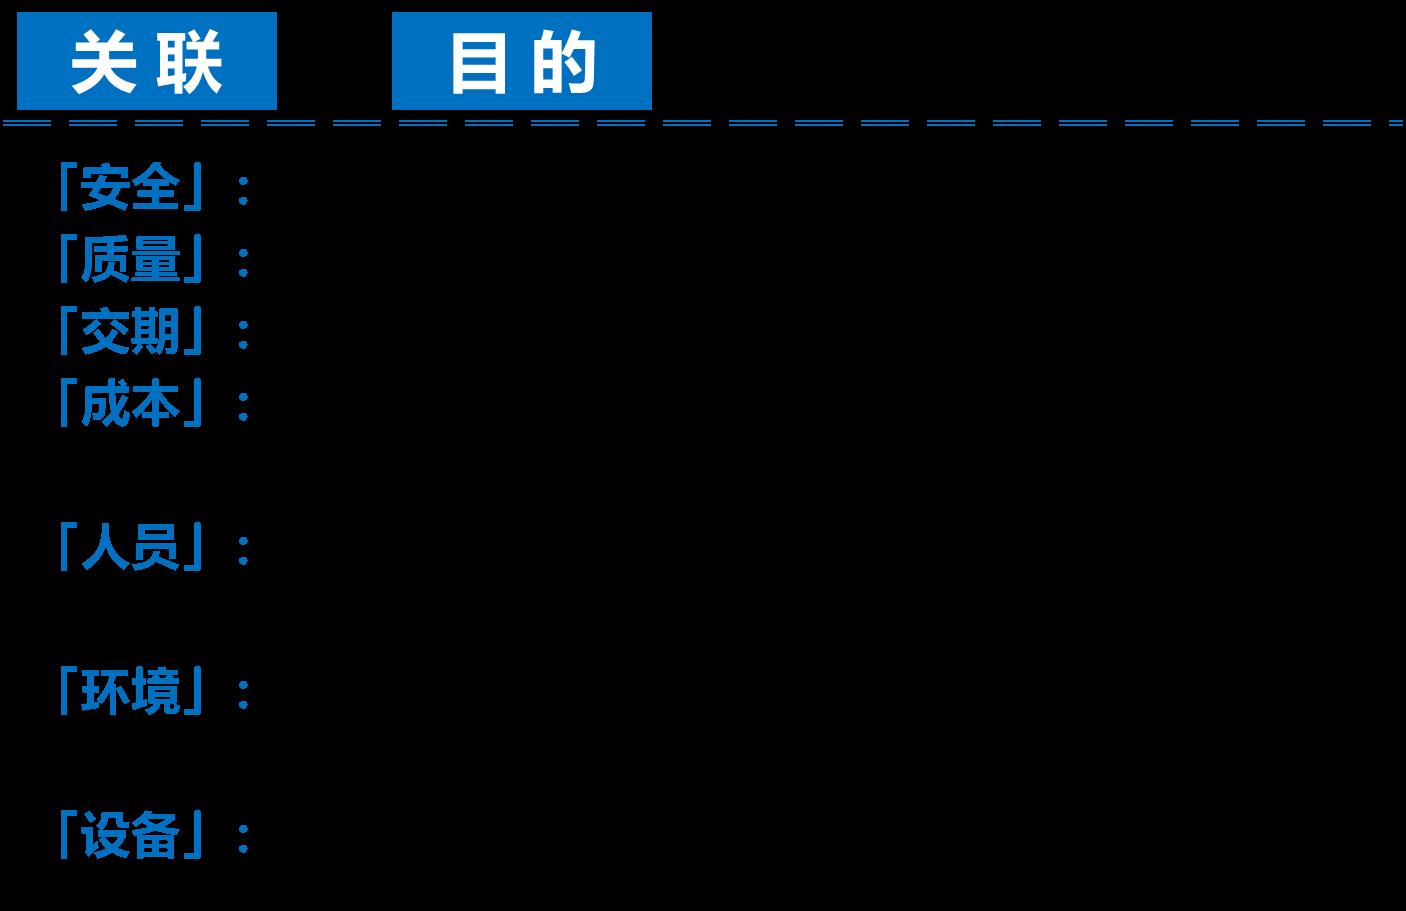 【精益生产】生产现场七大任务管理